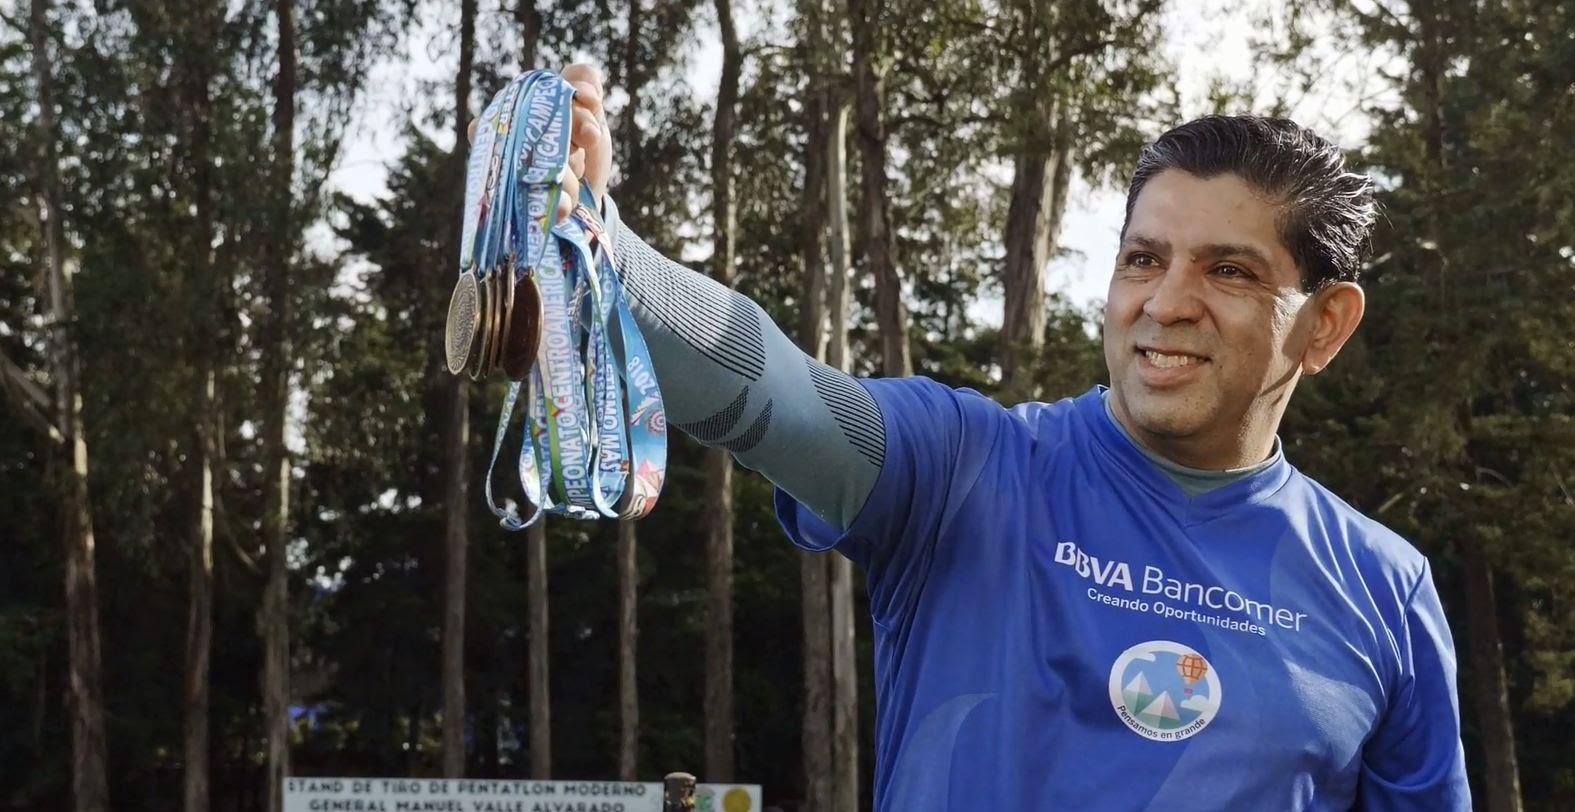 Raymundo Fragoso